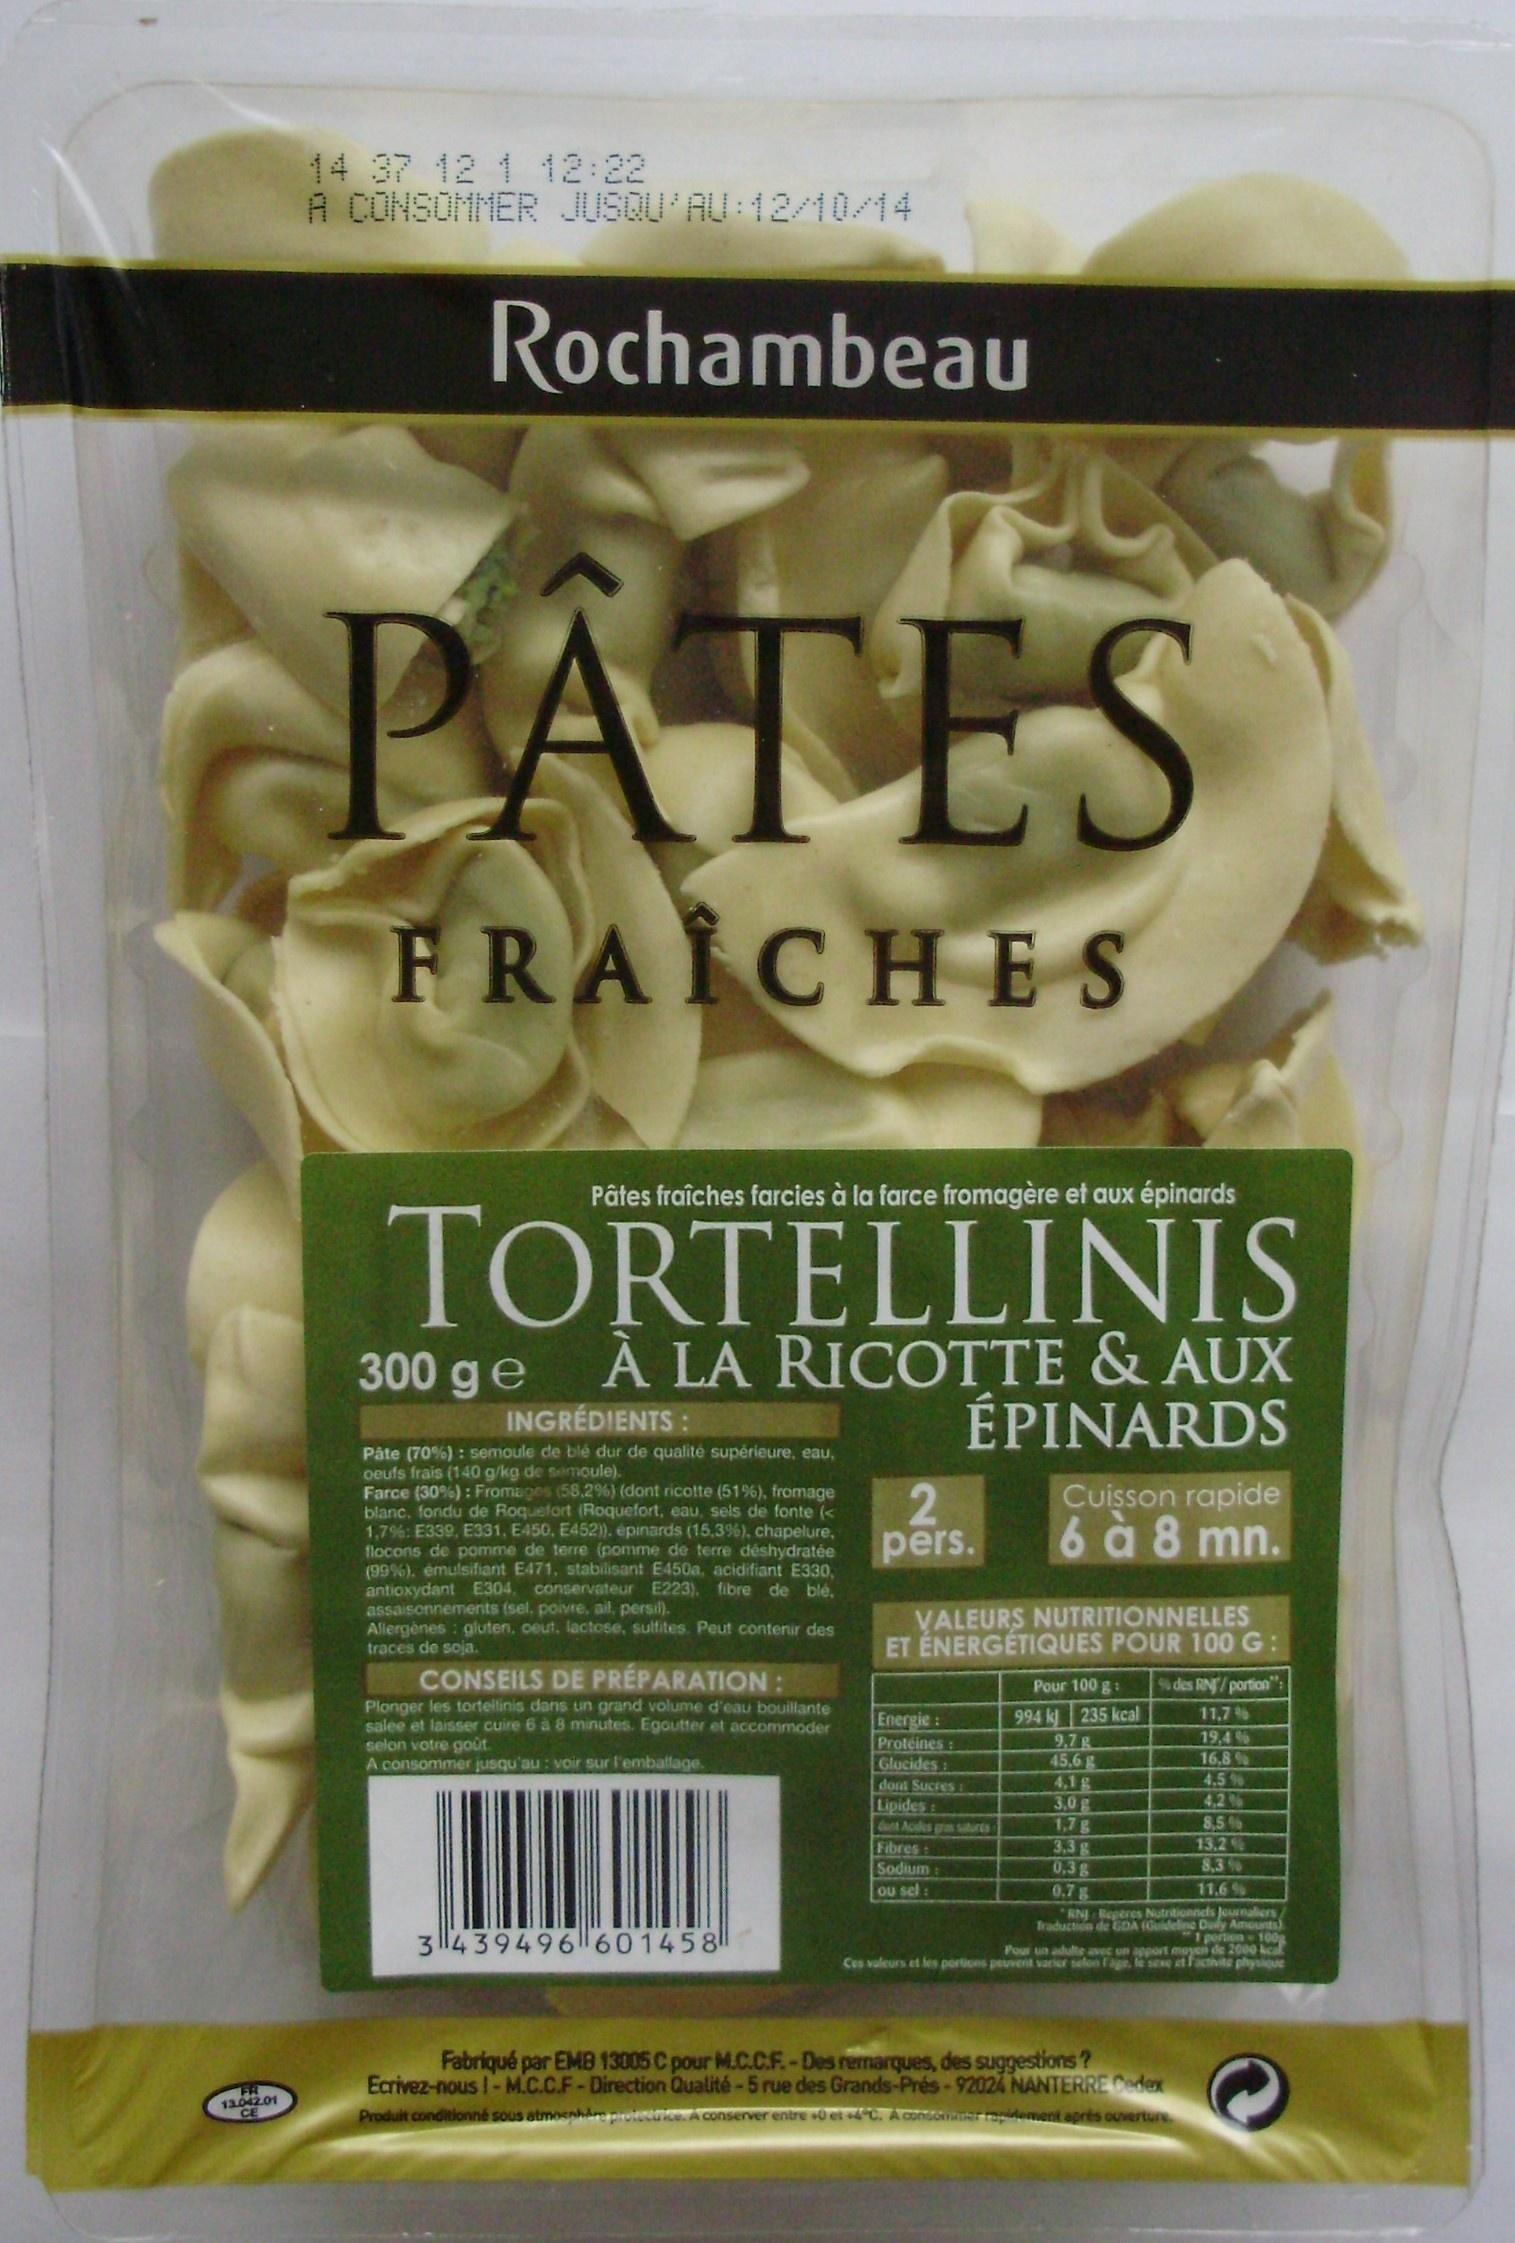 Tortellinis à la ricotte & aux épinards - Product